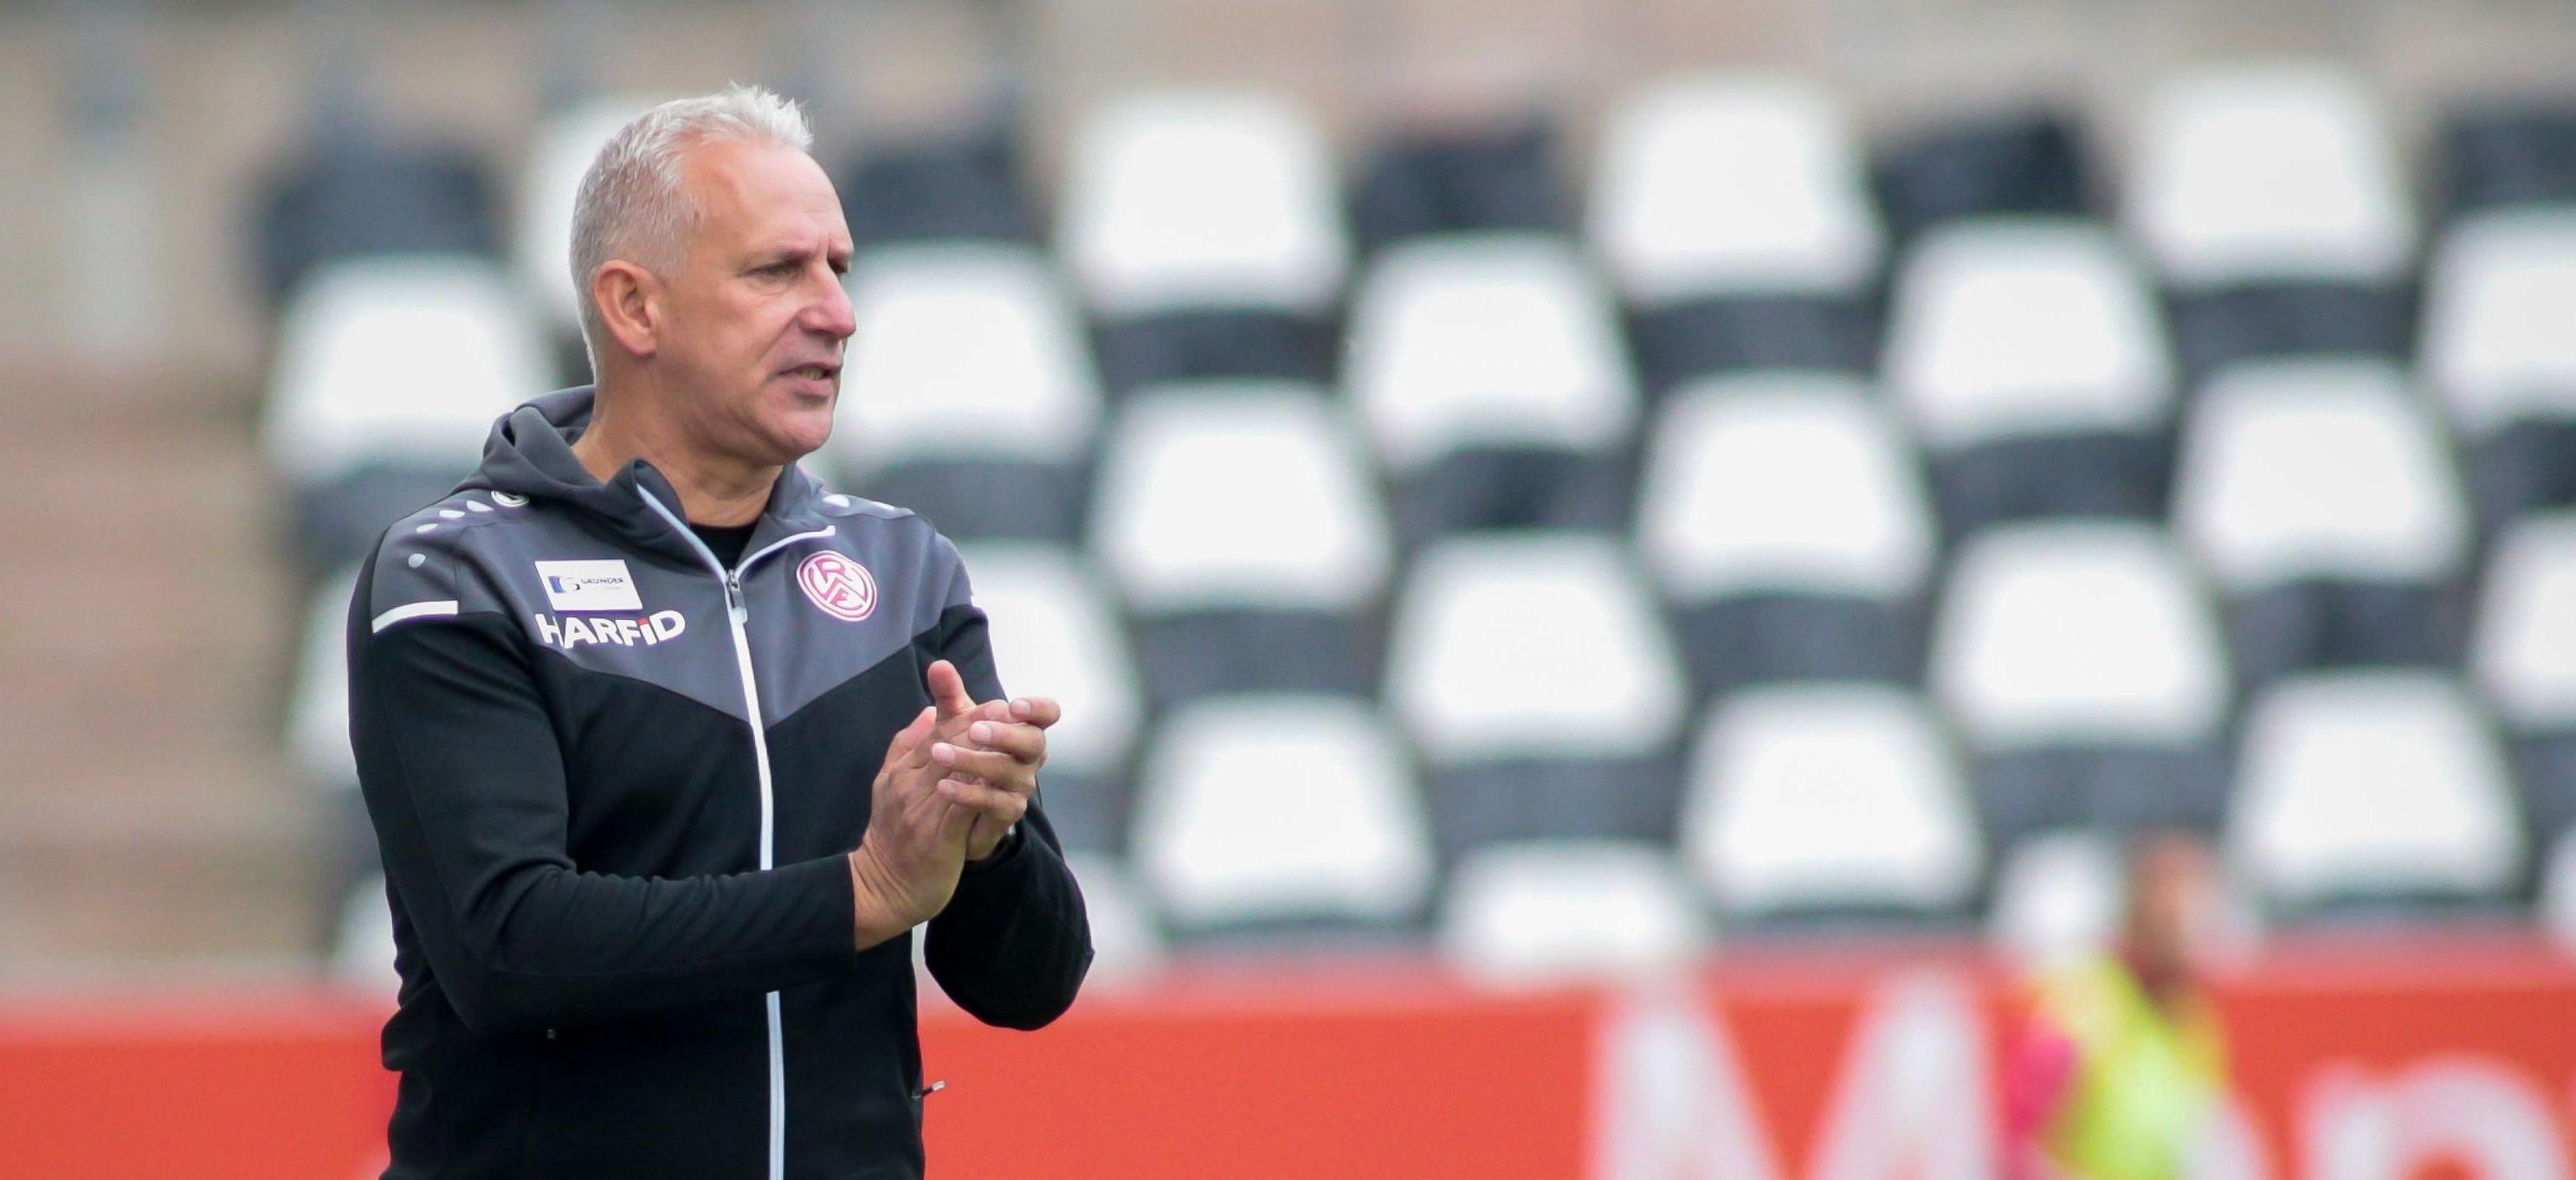 """Möchte den derzeit guten Flow """"nicht durch zahlreiche Wechsel unterbrechen"""": RWE-Chefcoach Christian Neidhart (Foto: Edberg)"""